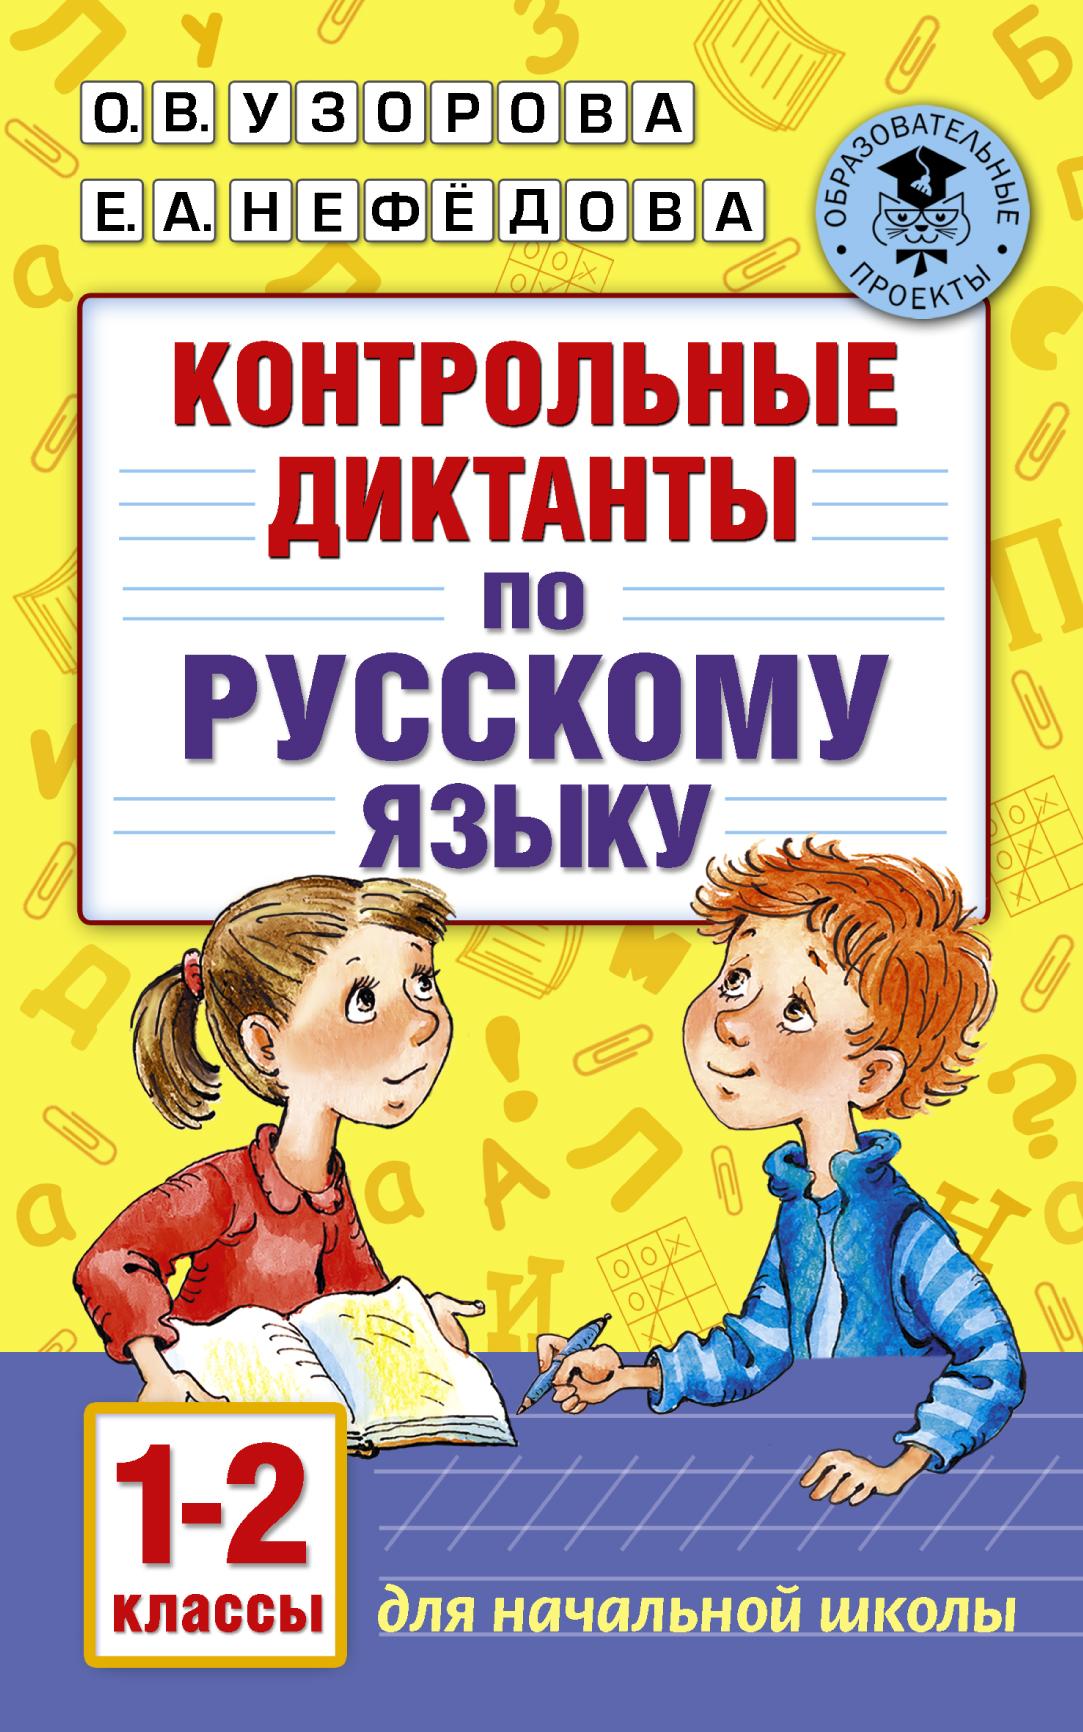 Узорова О.В., Нефёдова Е.А. Контрольные диктанты по русскому языку. 1-2 класс